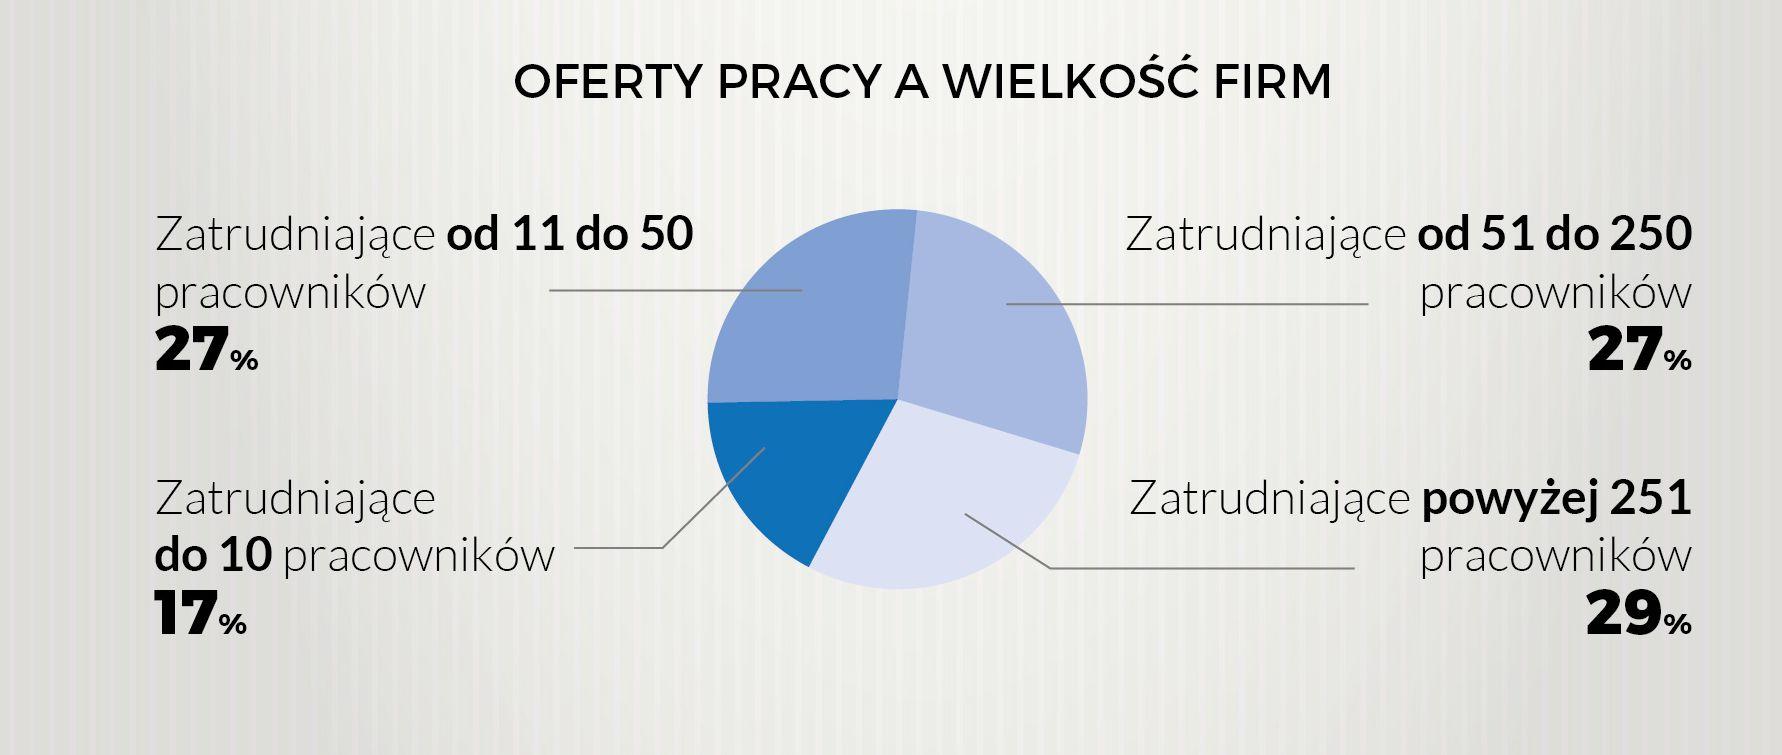 Największe firmy mają największe potrzeby. (Źródło: Pracuj.pl)